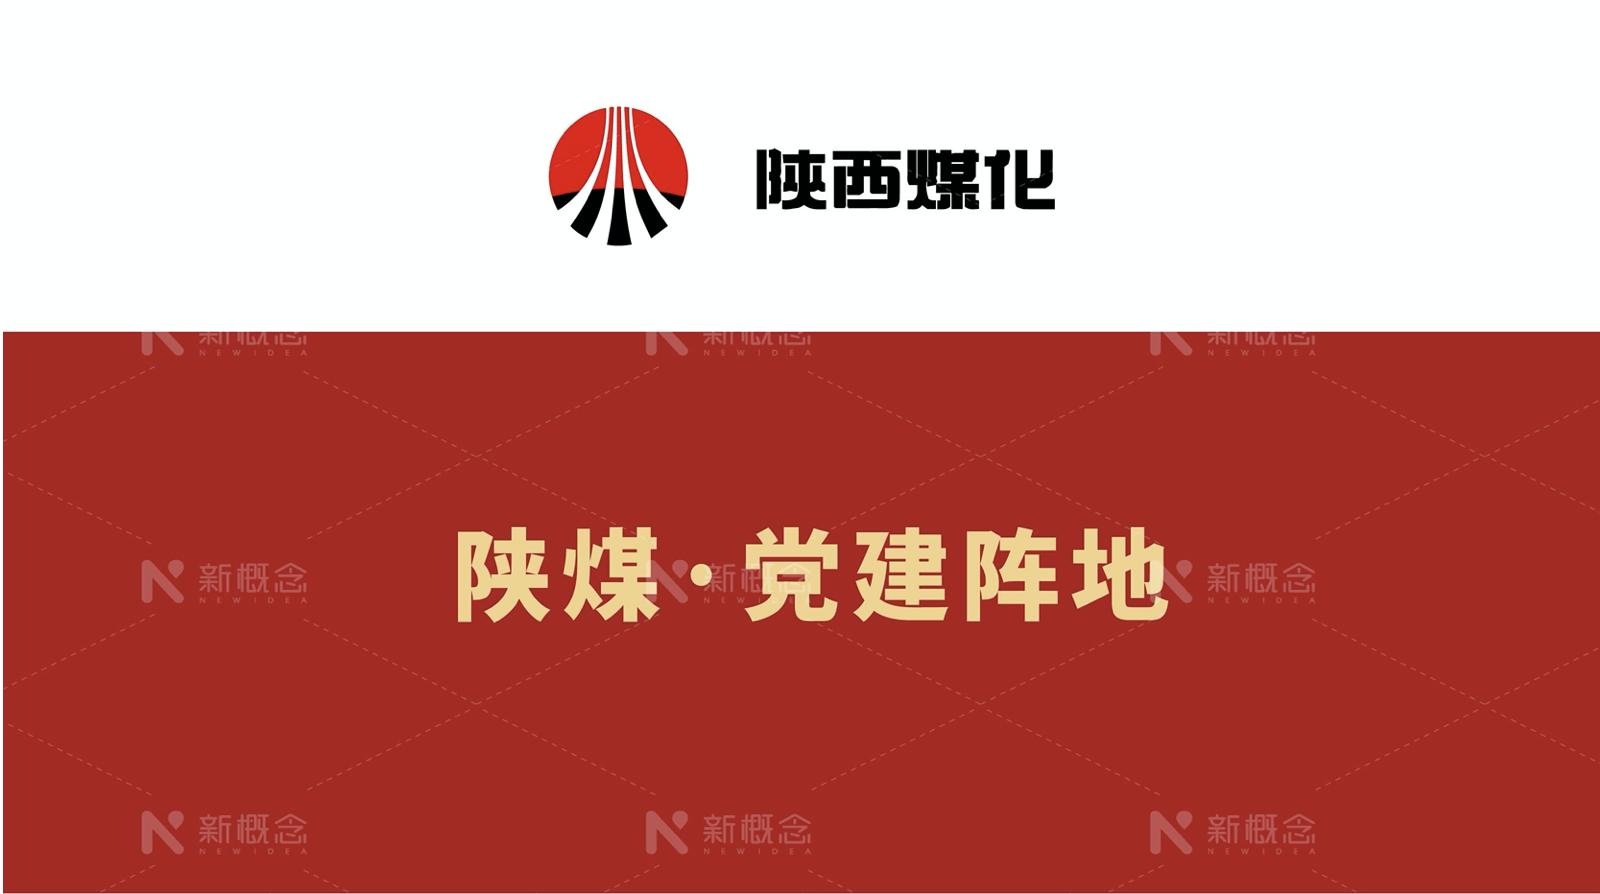 陕煤-党建文化设计